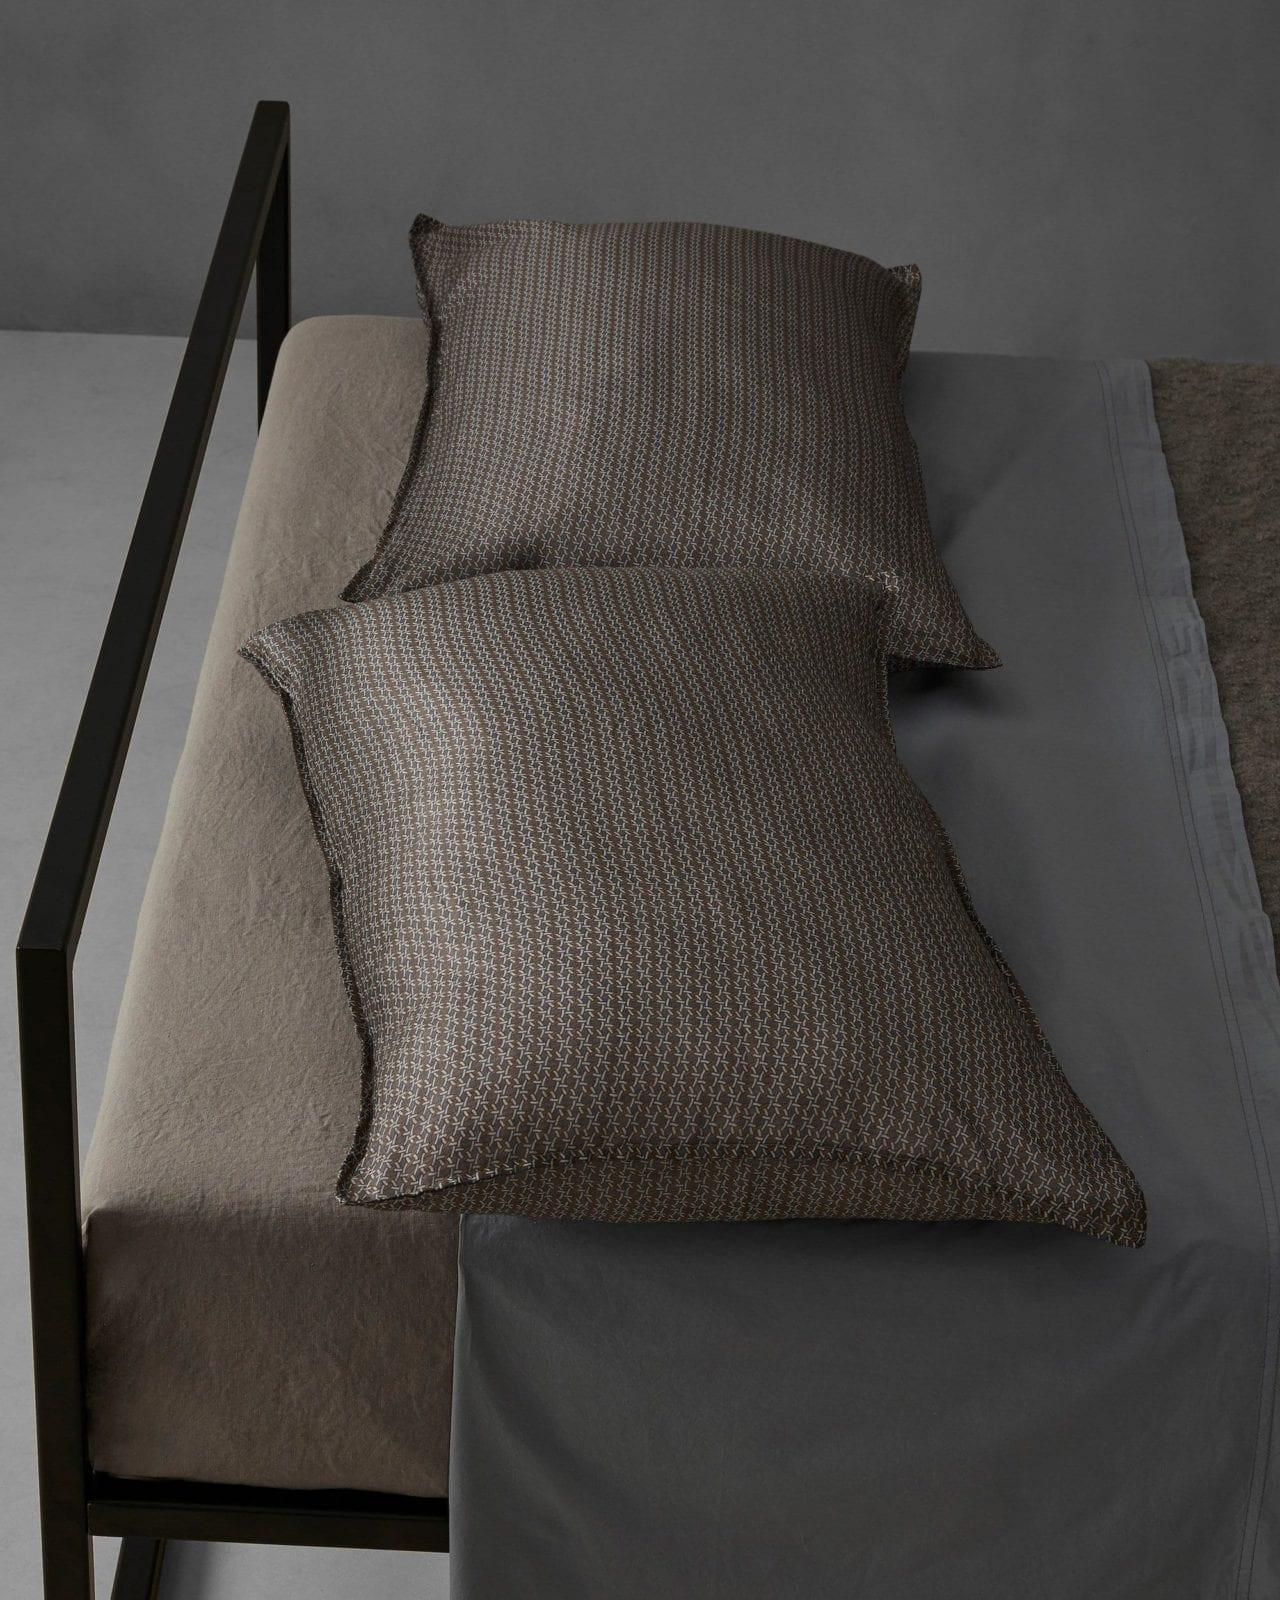 Society Limonta Pillow Case - Nap Chains - Ardesia